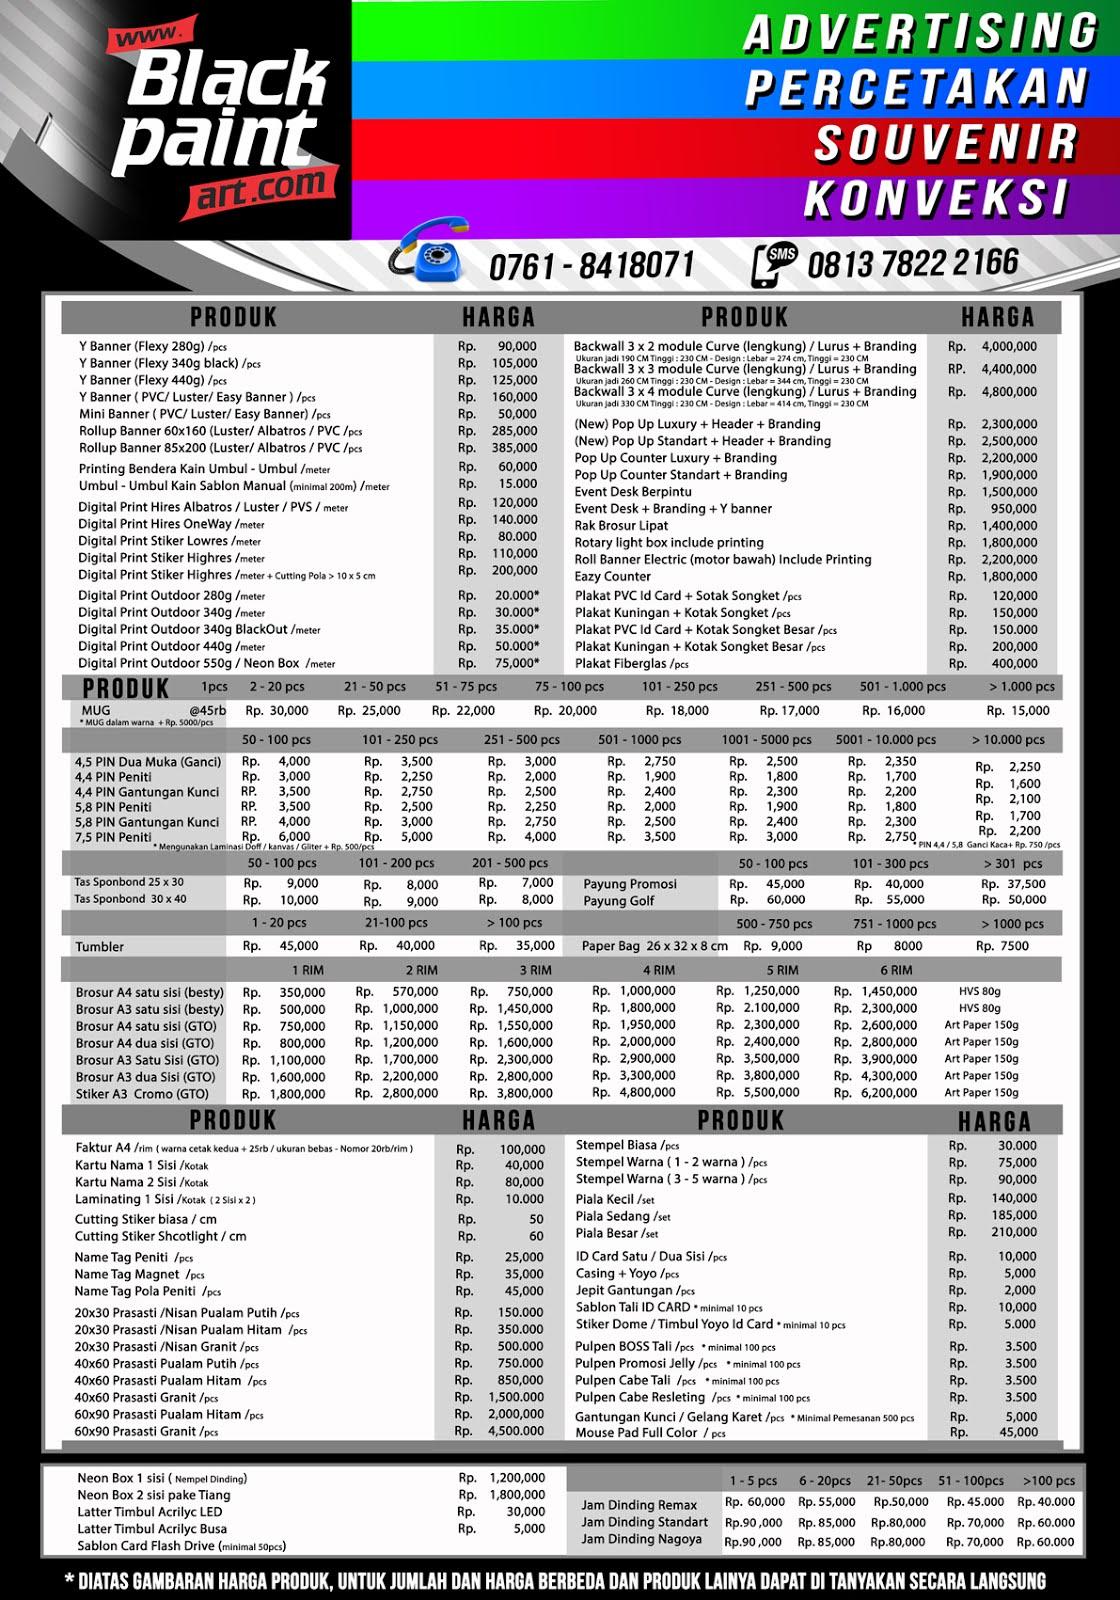 Black Paint Art Digital Printing Pekanbaru Murah, Running Text, Sablon Mug, Sablon Kaos, Stiker Murah Pekanbaru, Stiker Printing, Umbul Umbul, Spanduk, Banner, Baliho, Advertising, Plakat, Brosur, digital printing di pekanbaru, cetak spanduk murah pekanbaru, alamat percetakan di pekanbaru, print art pekanbaru, percetakan terbesar di pekanbaru, materi digital printing, digital printing murah, digital printing kaos, Konveksi Pekanbaru, Pin Pekanbaru, Sablon Mug, Selempang Pku, percetakan murah di pekanbaru, digital printing di pekanbaru, art grafika pekanbaru city riau, percetakan kotak kue di pekanbaru, cetak buku di pekanbaru, art grafika kota pekanbaru riau, printworx kota pekanbaru riau, sablon pekanbaru, alamat sablon baju di pekanbaru, sablon kaos, item clothing kota pekanbaru, riau, pekanbaru konveksi, print kaos pekanbaru, estiga print kota pekanbaru, riau, jual alat sablon di pekanbaru, kaos polos pekanbaru, blackpaint art pku kota pekanbaru, riau, cetak baliho pekanbaru, cetak spanduk murah pekanbaru, cetak spanduk pekanbaru, alamat percetakan di pekanbaru, digital printing di pekanbaru, harga buat spanduk di pekanbaru, alamat percetakan di pekanbaru, digital printing di pekanbaru, harga buat spanduk di pekanbaru, blackpaint art pku kota pekanbaru riau, percetakan termurah di pekanbaru, percetakan terbesar di pekanbaru, tempat print di pekanbaru, cetak brosur pekanbaru,